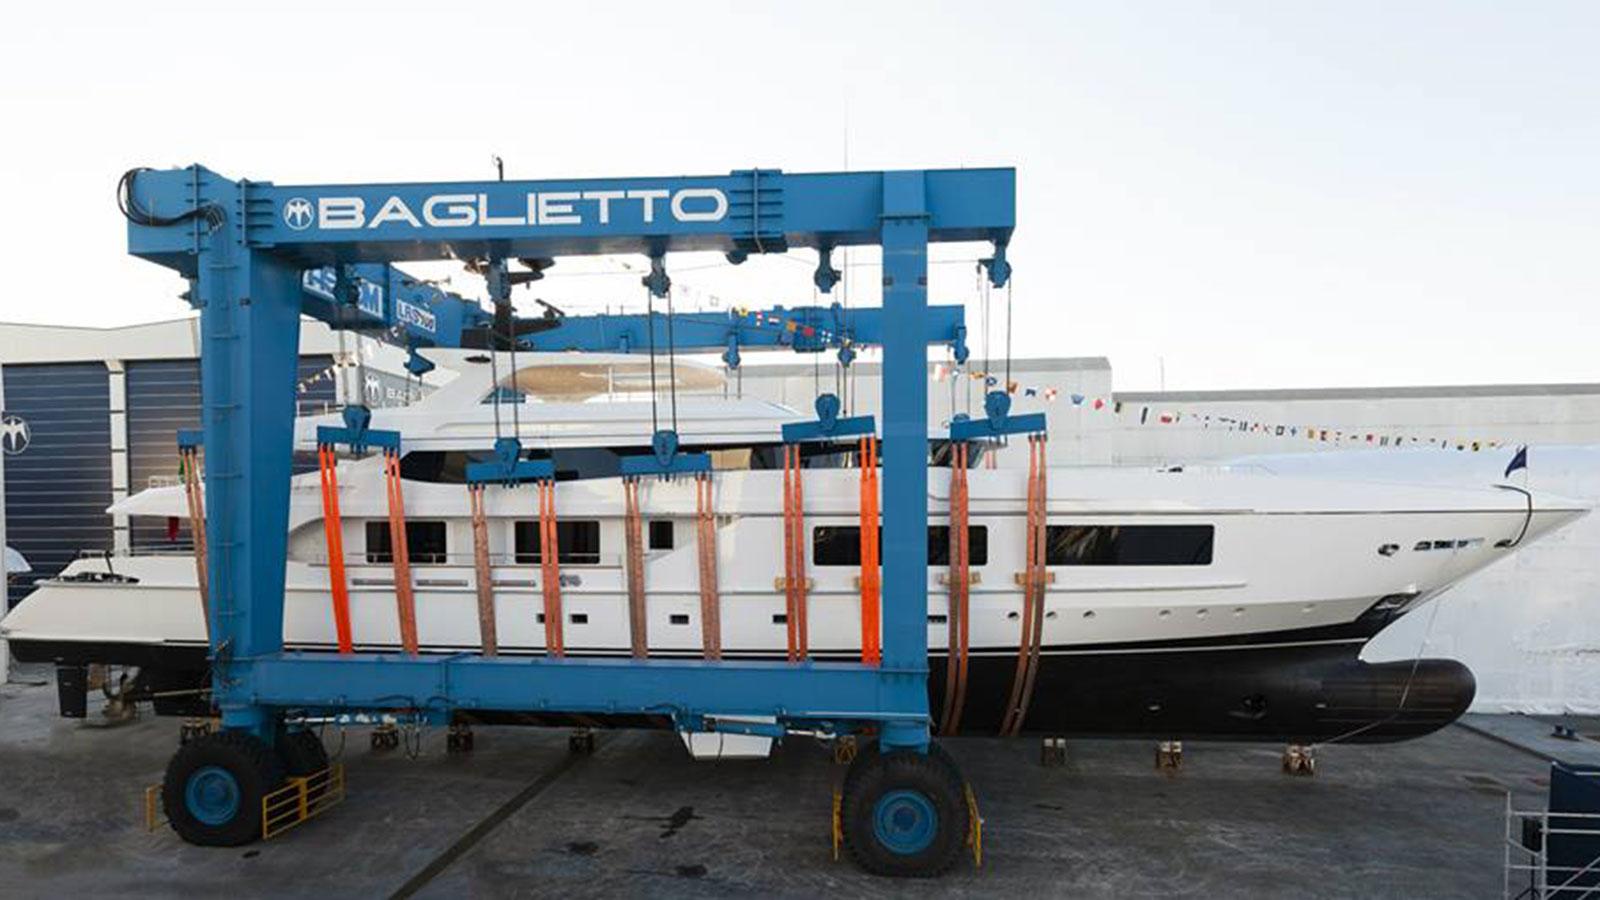 Baglietto 10219 prepares for launch